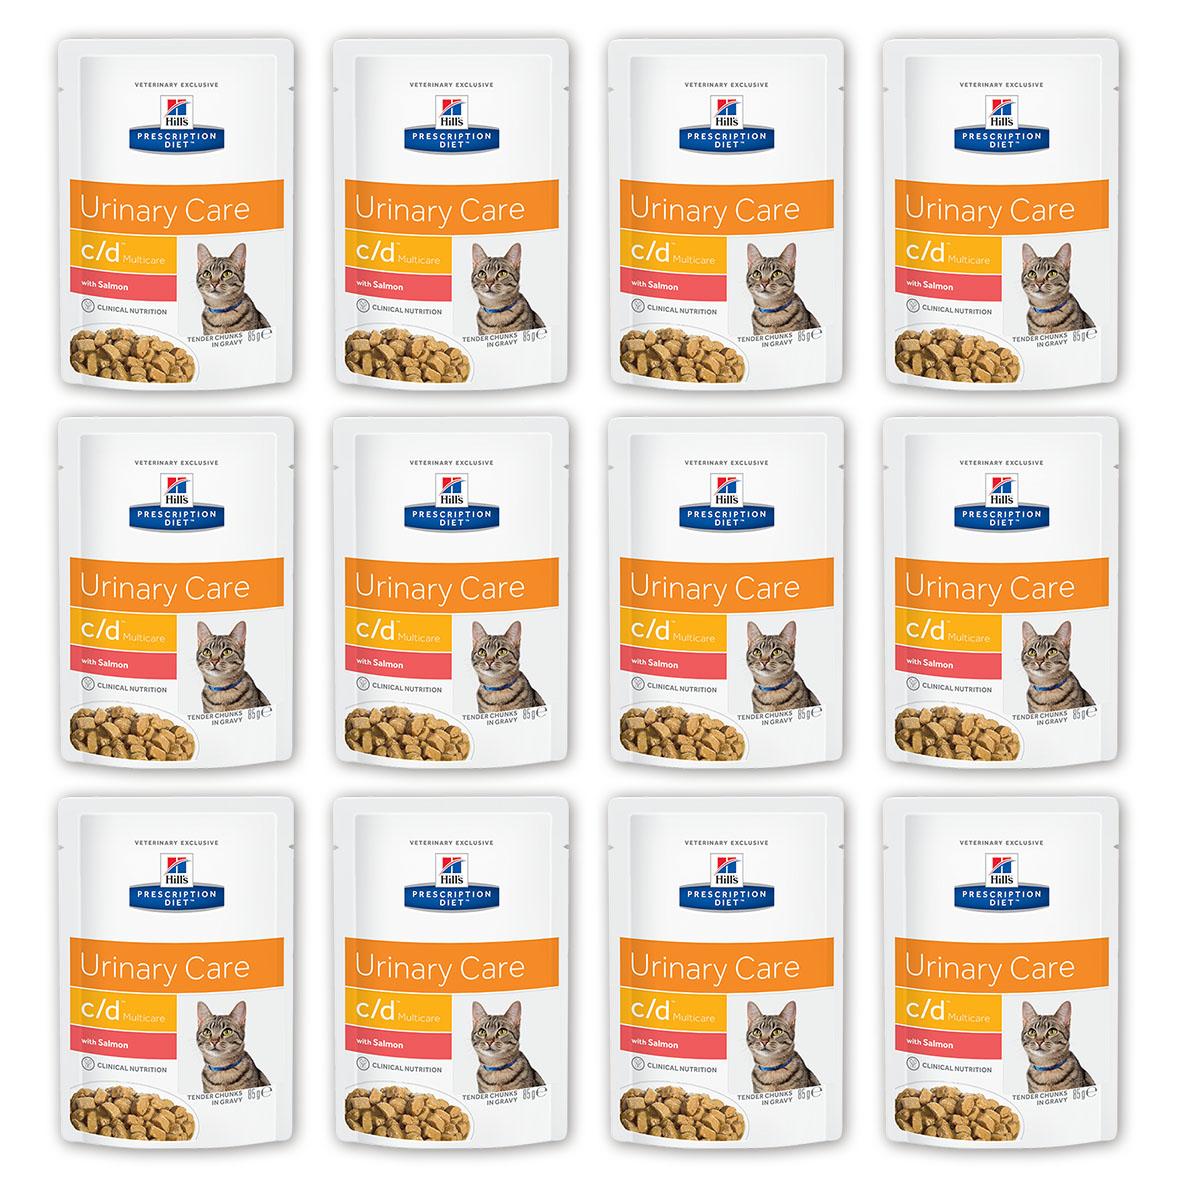 Консервы для кошек Hills Prescription Diet. C/D, для профилактики мочекаменной болезни, с лососем, 85 г, 12 шт0120710Консервы для кошек Hills Prescription Diet. C/D рекомендуются на начальном этапе у кошек с любым типом заболеваний нижних отделов мочевыводящих путей, в том числе кристаллурией и/или уролитиазом любого генеза, уретральными пробками и идиопатическим циститом кошек. Подходят для долговременного использования для кошек, склонных к: - образованию струвитных кристаллов и уролитов, кристаллов и уролитов кальция оксалата и кальция фосфата (снижение появления и частоты рецидивов); - формированию уретральных пробок (почти всегда вызванных кристаллами струвита или кальция фосфата); - идиопатическому циститу (в этом случае особенно рекомендуется к применению консервированный рацион или пауч Hills Prescription Diet c/d Multicare Feline). Не рекомендуется: - Котятам. - Беременным и кормящим кошкам. - Кошкам, получающим вещества, закисляющие мочу.Дополнительная информация: - Клинически доказано: растворяет струвиты всего за 14 дней. - Не рекомендуется дополнительно давать вещества, закисляющие мочу. - Необходимо контролировать состав мочи, чтобы гарантировать поддержание необходимого значения рН, при необходимости - исключить инфекцию мочевыводящих путей. Ключевые преимущества: - Сниженное содержание магния, кальция и фосфора снижает концентрацию компонентов струвита в моче (магния и фосфата), а также кальция и оксалата. - Контролируемое содержание натрия помогает поддерживать нормальную функцию почек. - Добавленный цитрат формирует растворимые комплексы с кальцием для ингибирования (замедления) образования оксалата кальция. - Витамин Е и бета-каротин нейтрализуют действие свободных радикалов, участвующих в развитии уролитиаза. - Исключен витамин С, так как является прекурсором оксалатов. - pH мочи 6.2-6.4 препятствует образованию и агрегации кристаллов струвита, не инициируя формирование оксалатных кристаллов. - Рекомендуем смешанное питание Hills Prescription Die